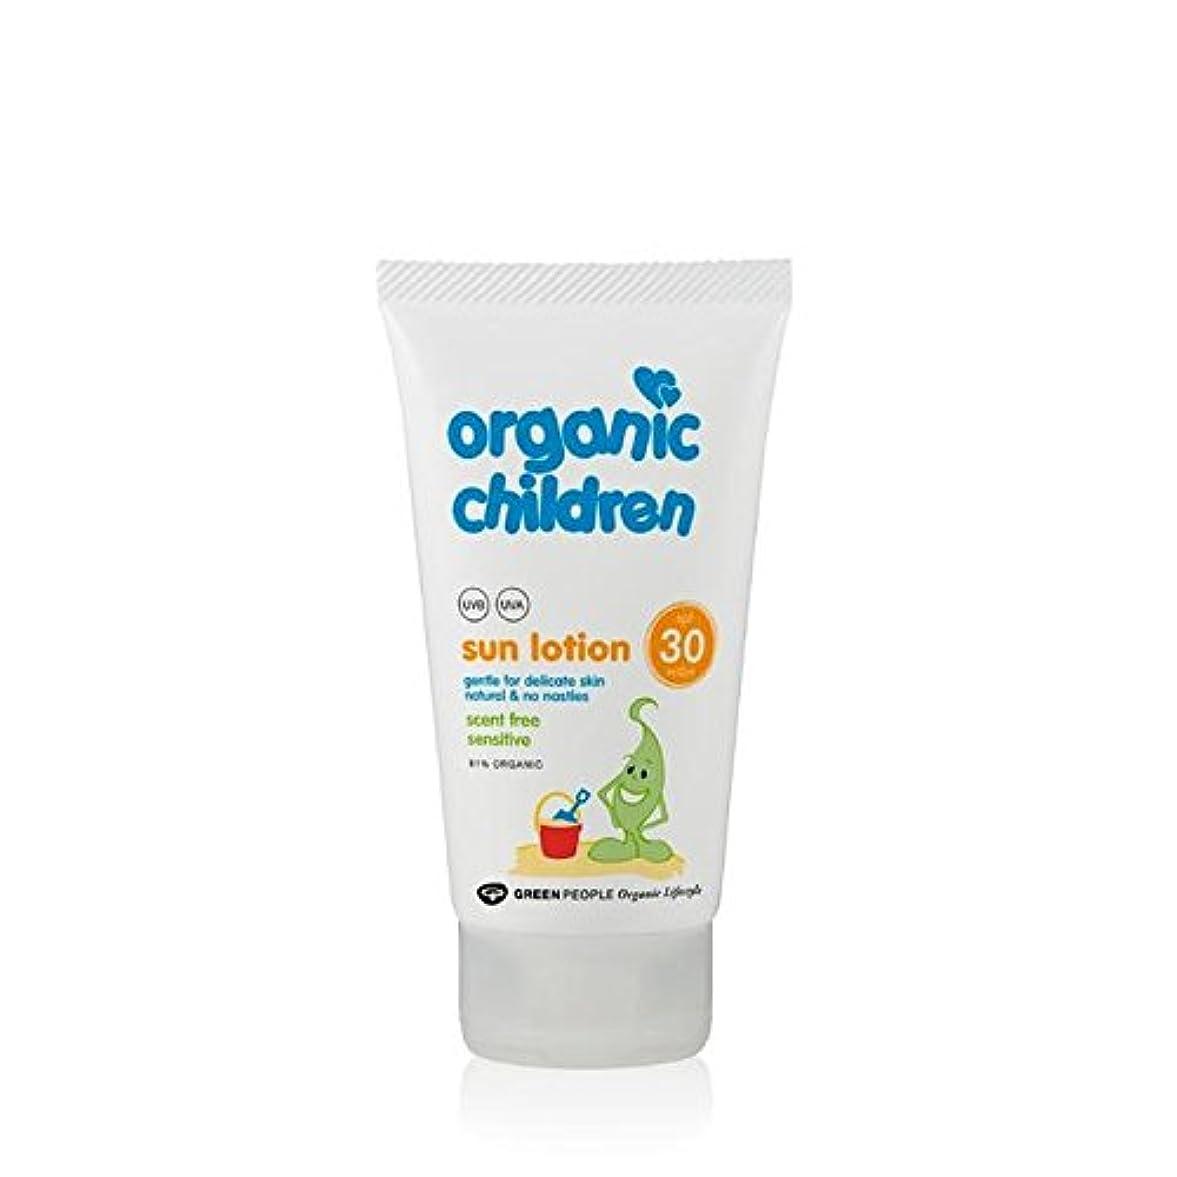 有機子ども30の香り無料のサンローション150 x4 - Organic Children SPF30 Scent Free Sun Lotion 150ml (Pack of 4) [並行輸入品]